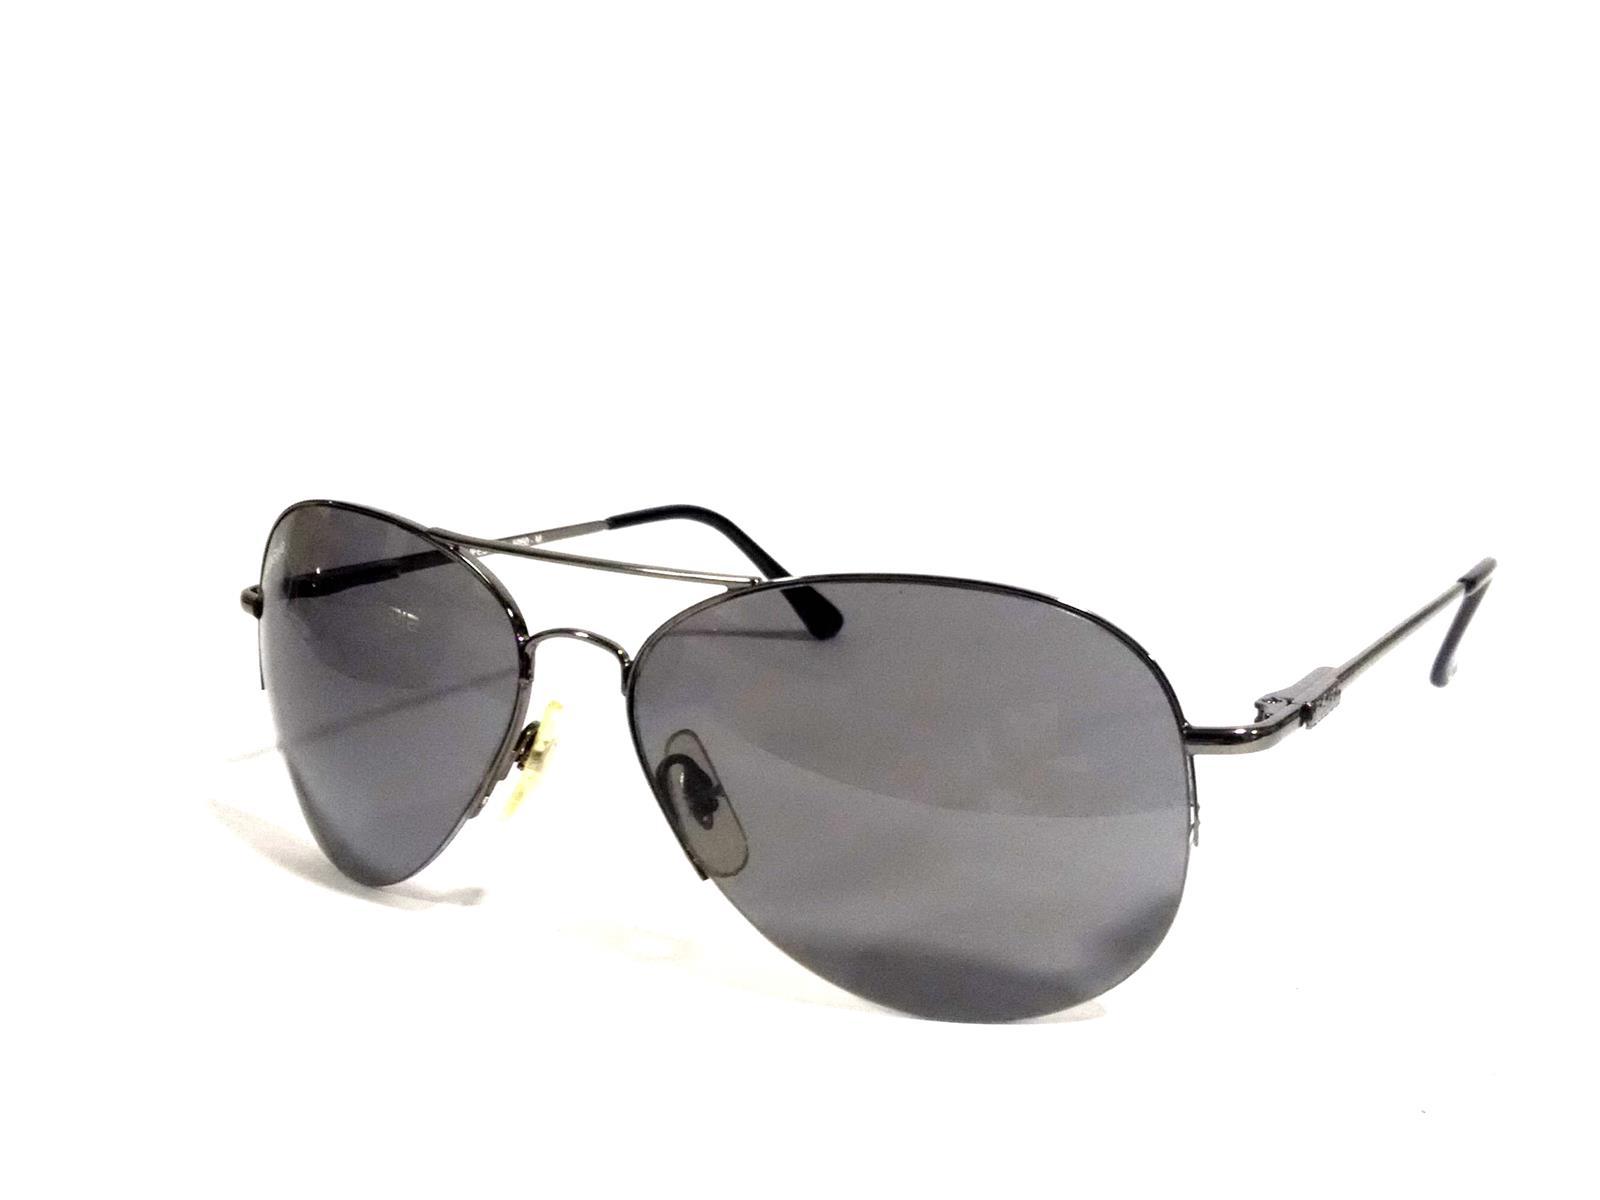 Grey Aviator sunglasses with polycarbonate lens 5050gm